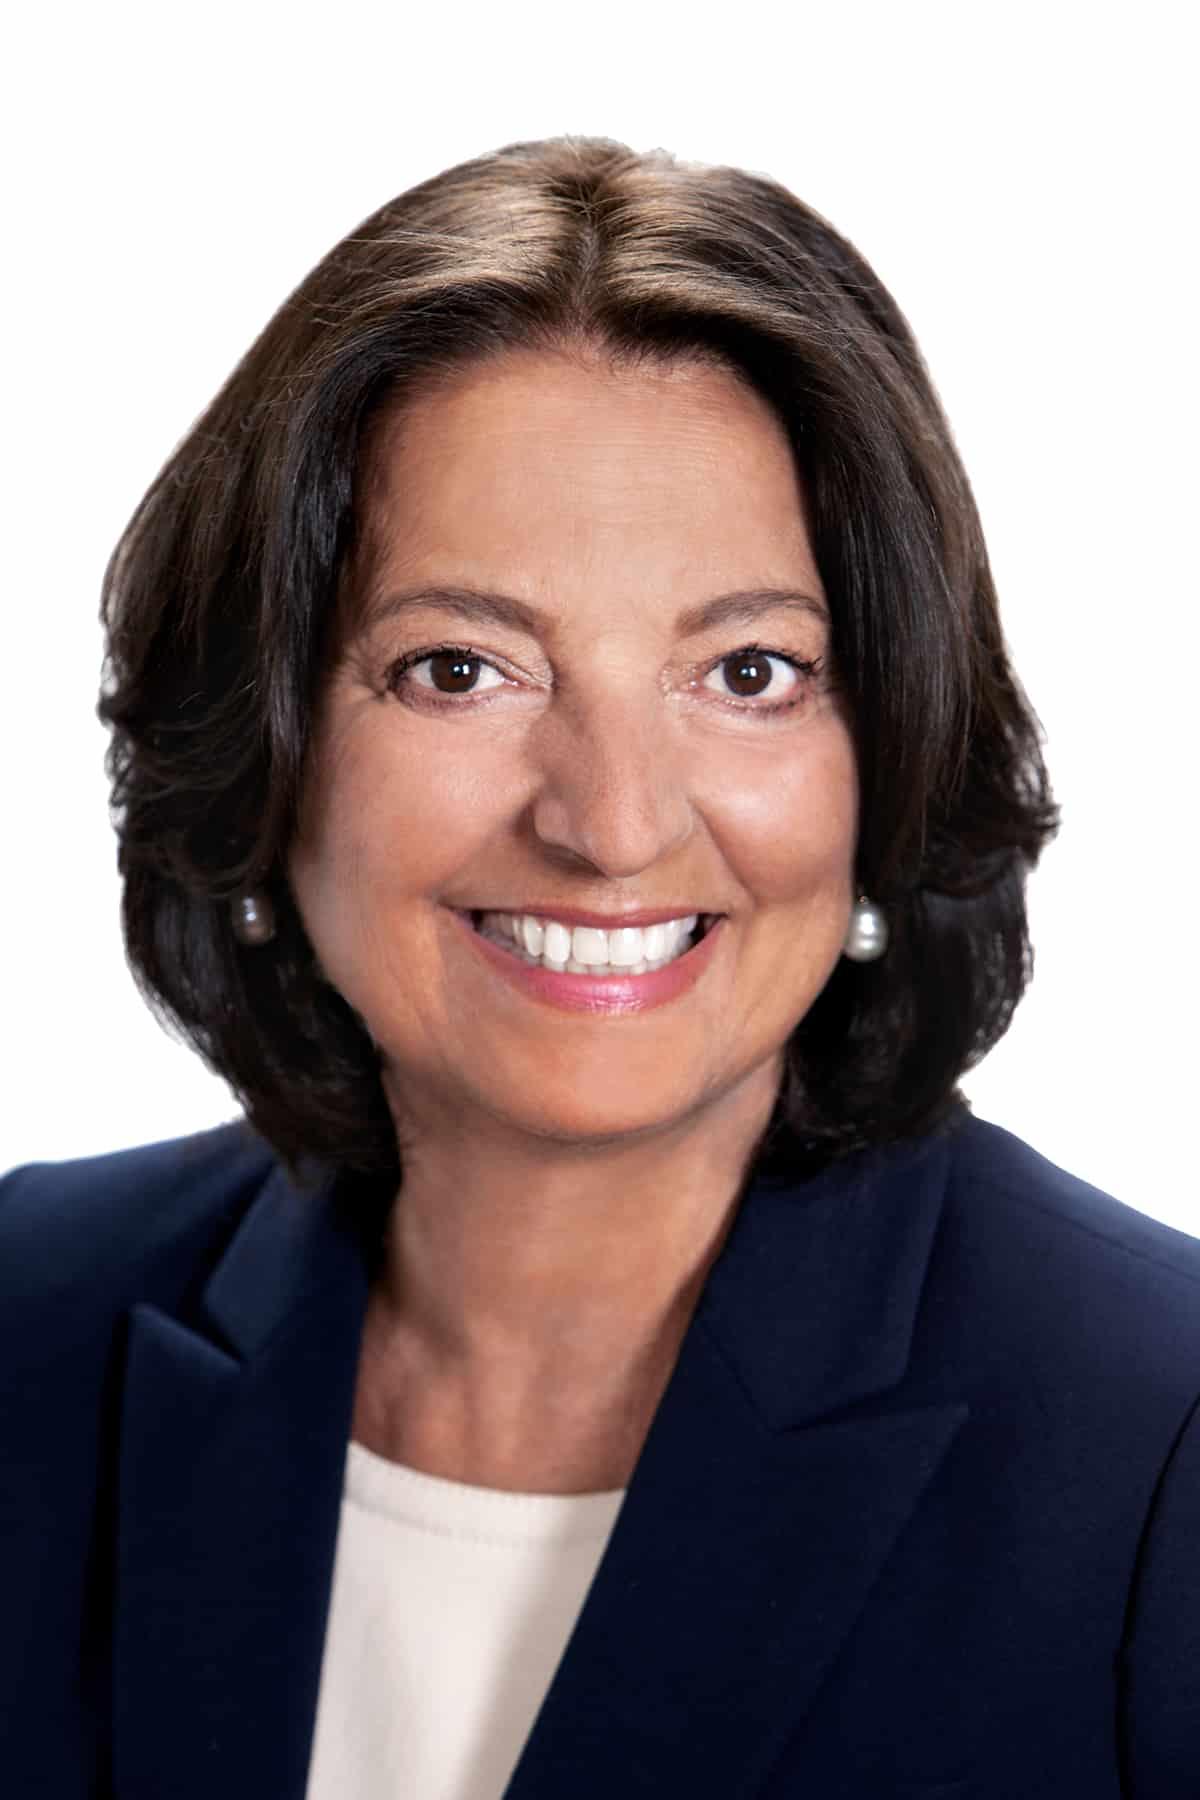 Angela Koutoulakis